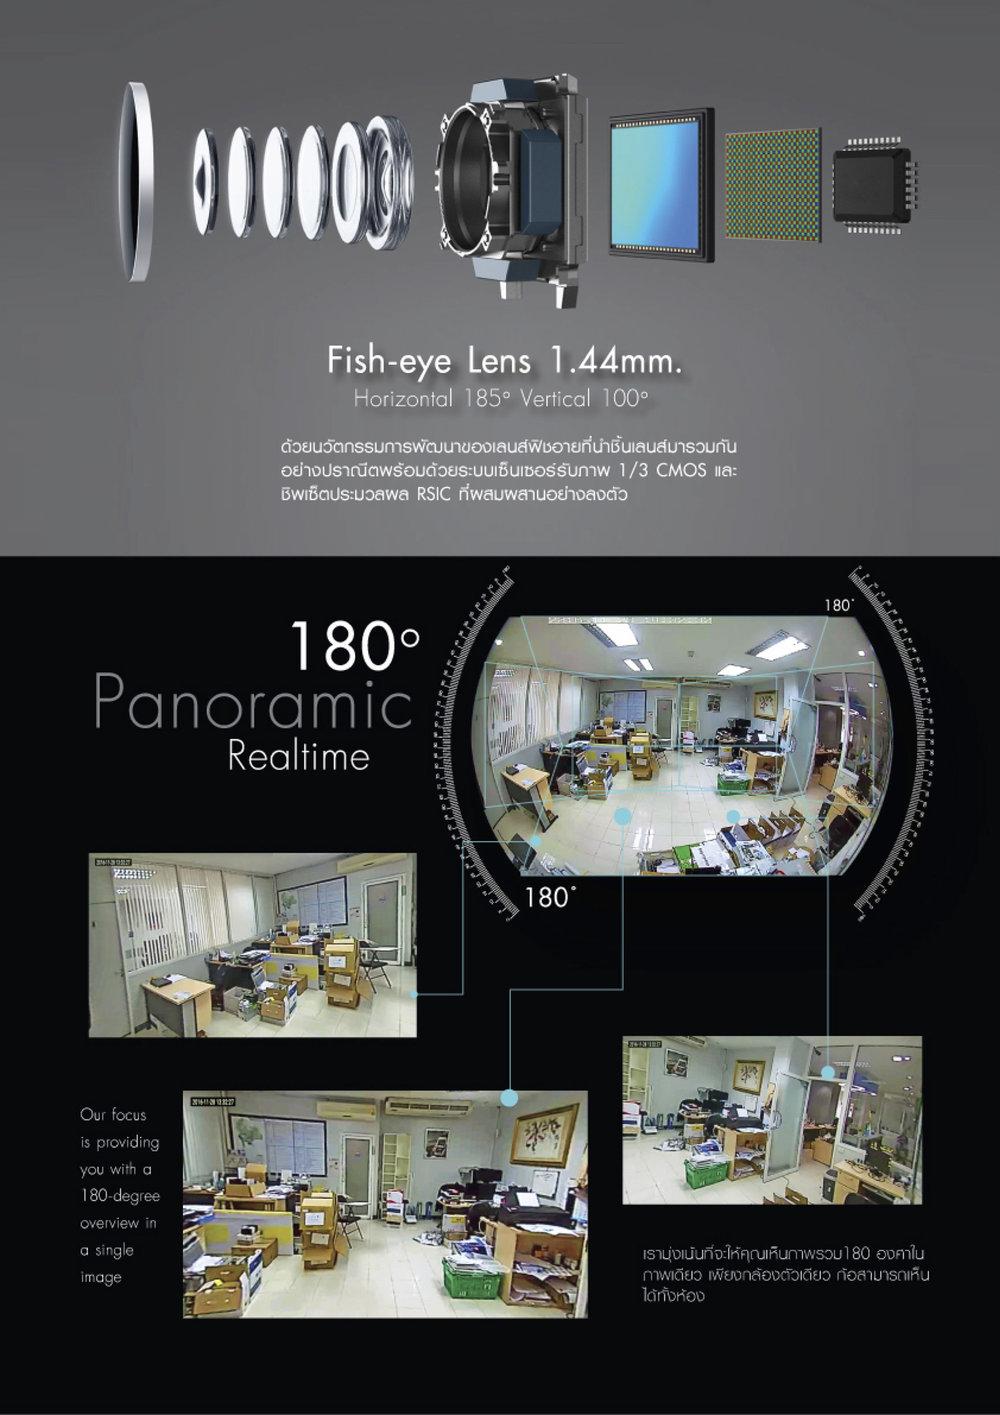 ABT smart pano360, fisheye, panorama กล้องพาโนรามา360องศา, กล้องกันขโมย, กล้องไวไฟ, กล้องวงจรปิดราคาถูก, สินค้าคุณภาพ, ABT, ABT SMART, CCTV, IP CAMERA